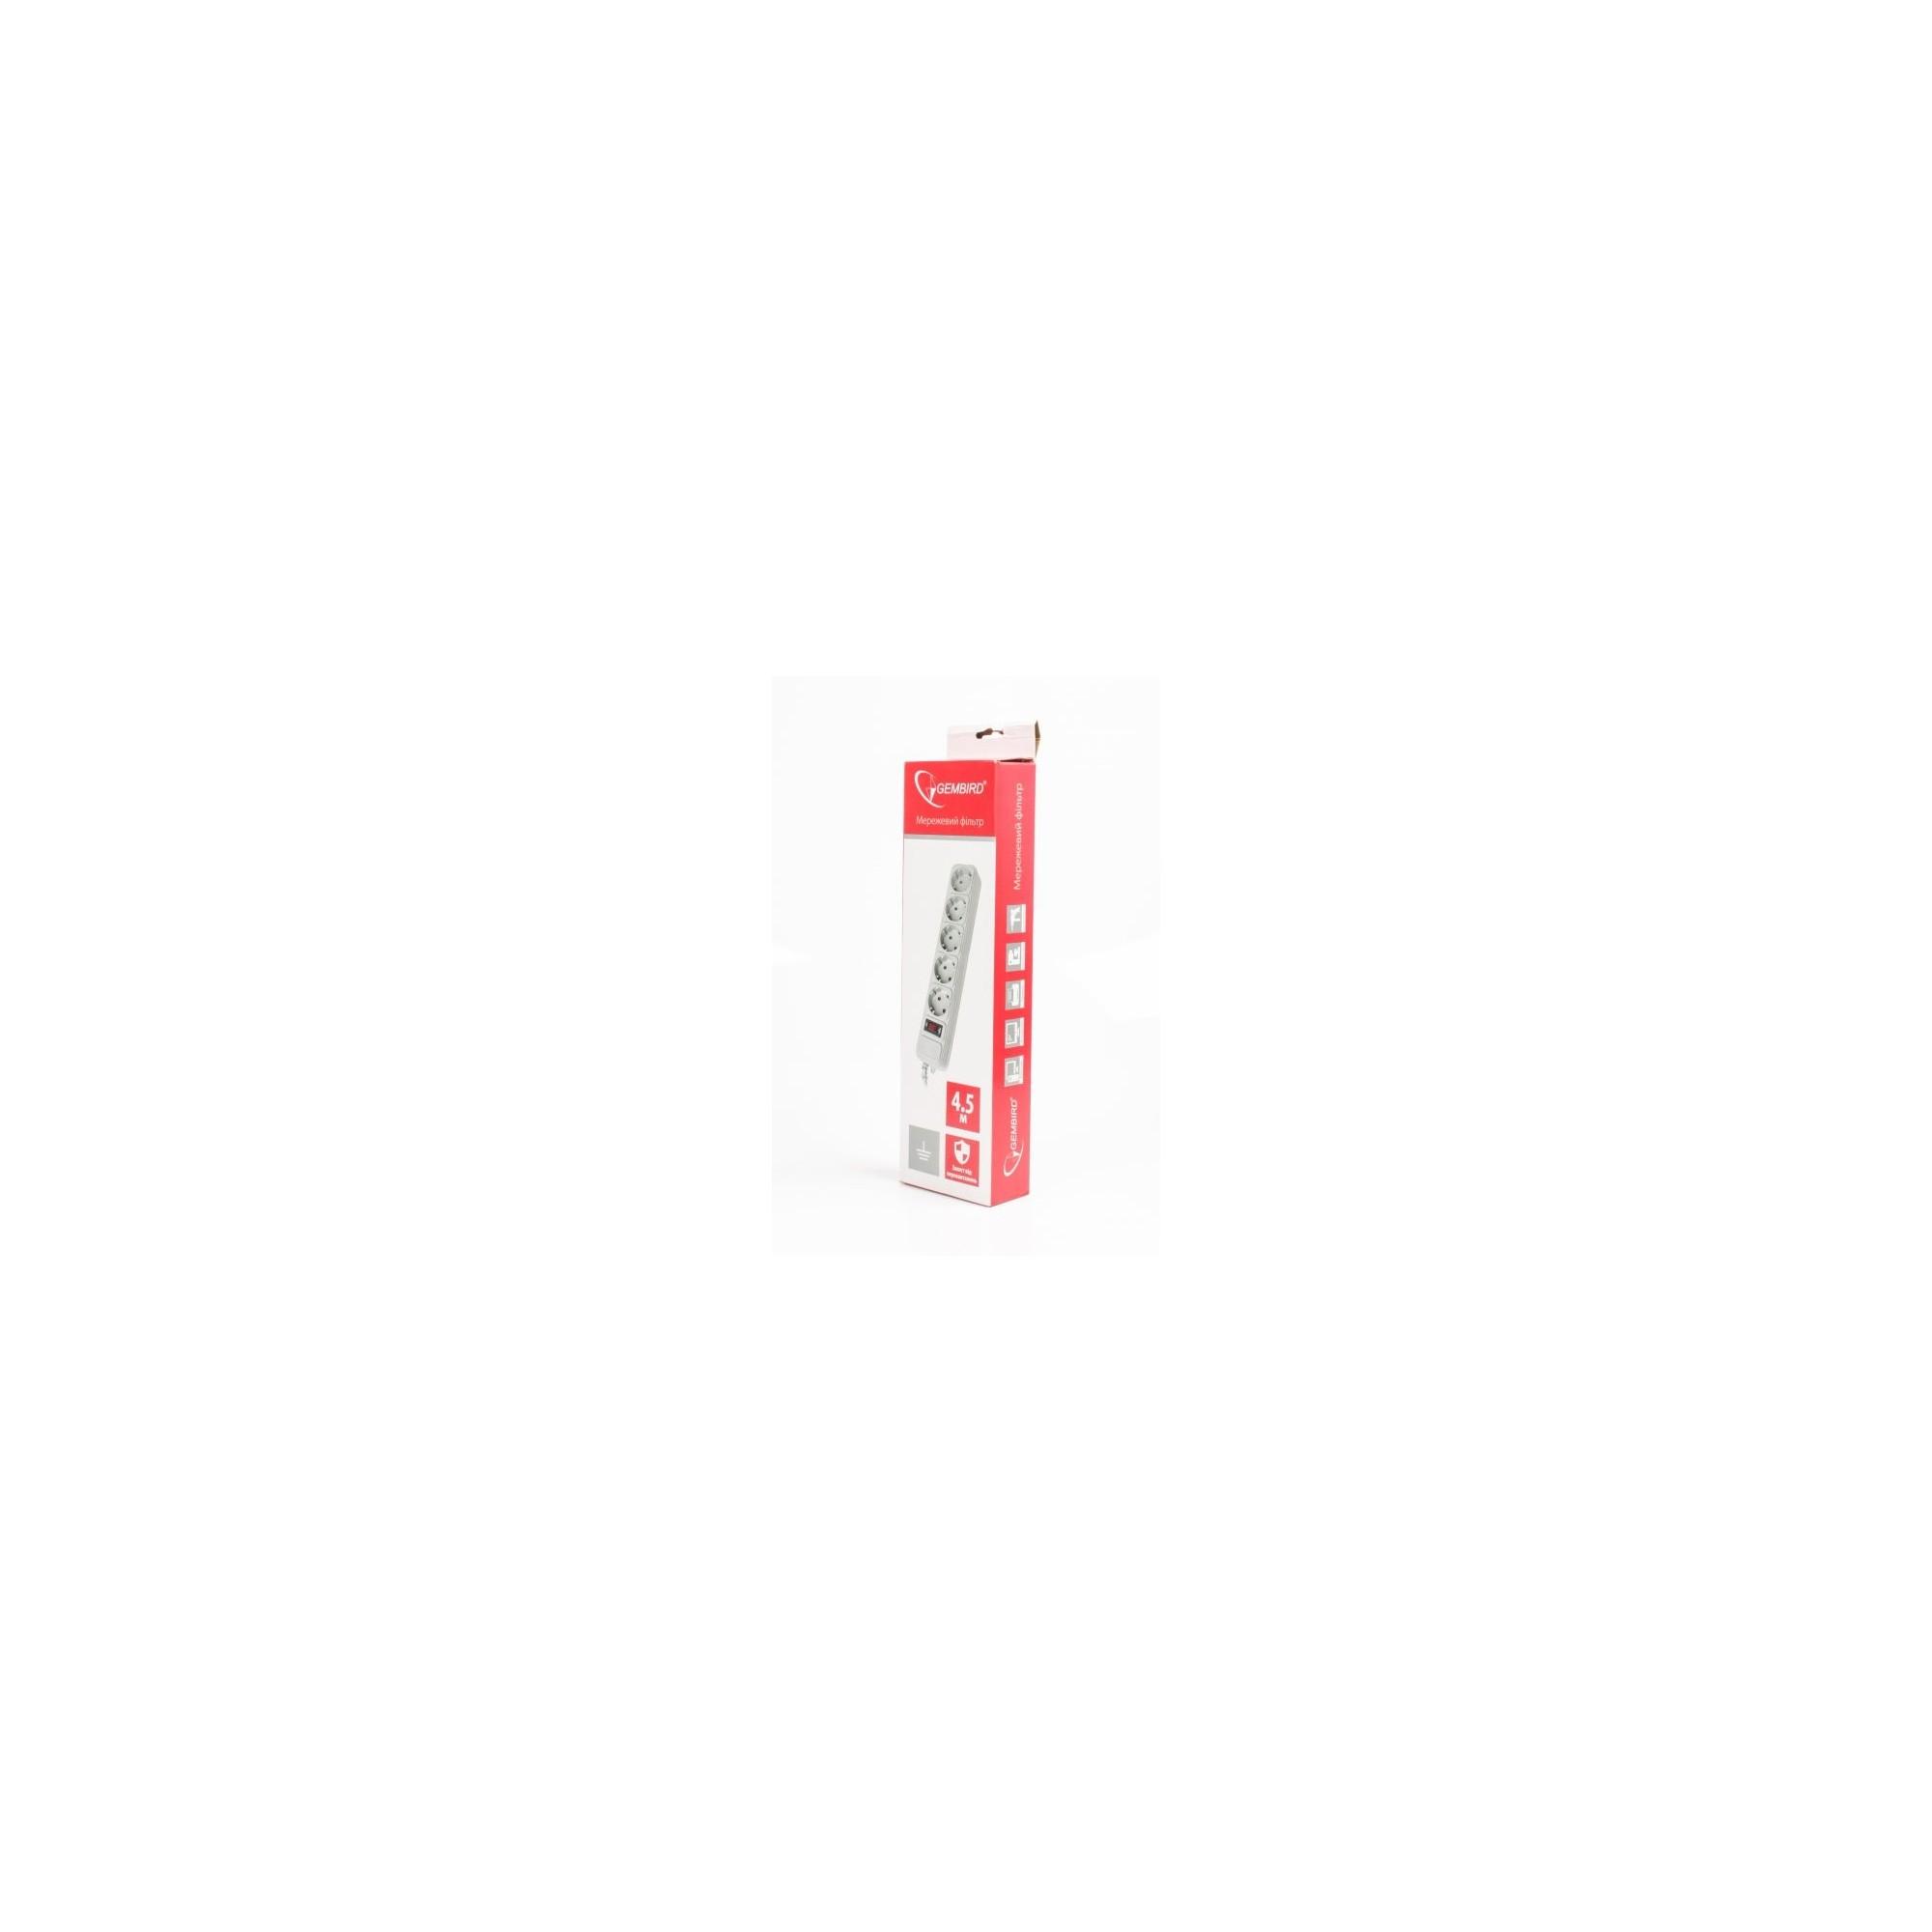 Сетевой фильтр GEMBIRD, 4,5 м, 5 розеток GEMBIRD - 1